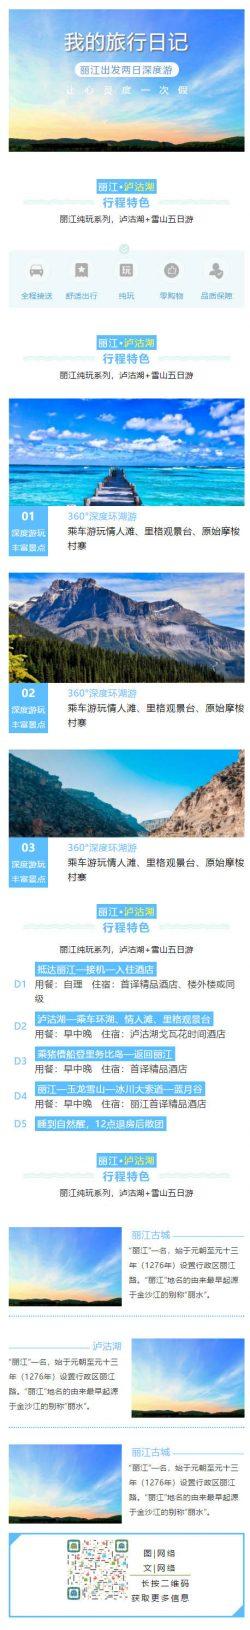 蓝色旅行日记旅游推文素材微信公众号图文消息模板推送